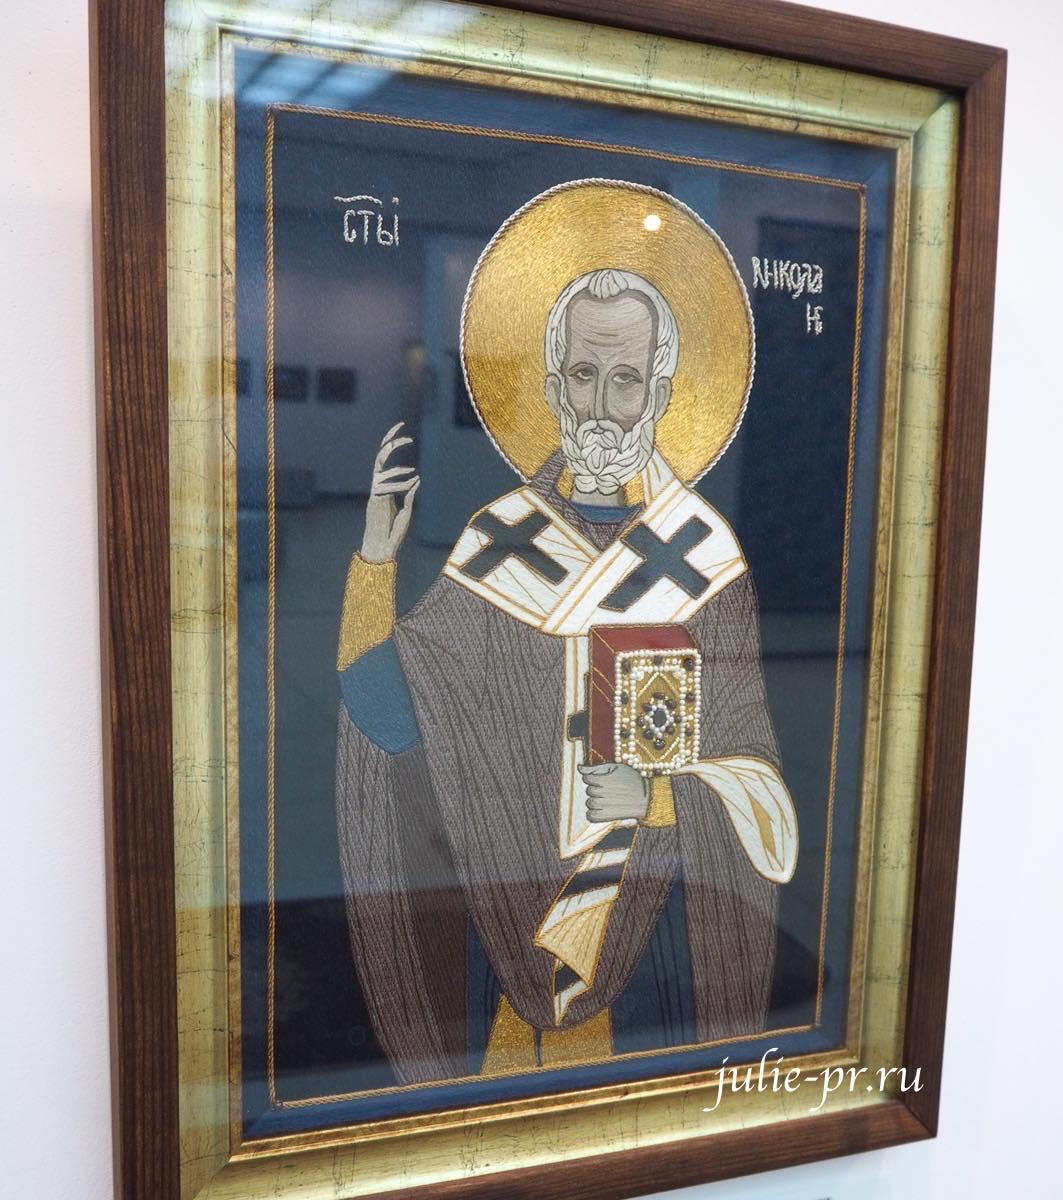 Всероссийская выставка вышивки, вышивка, икона Святой Николай, лицевое шитье